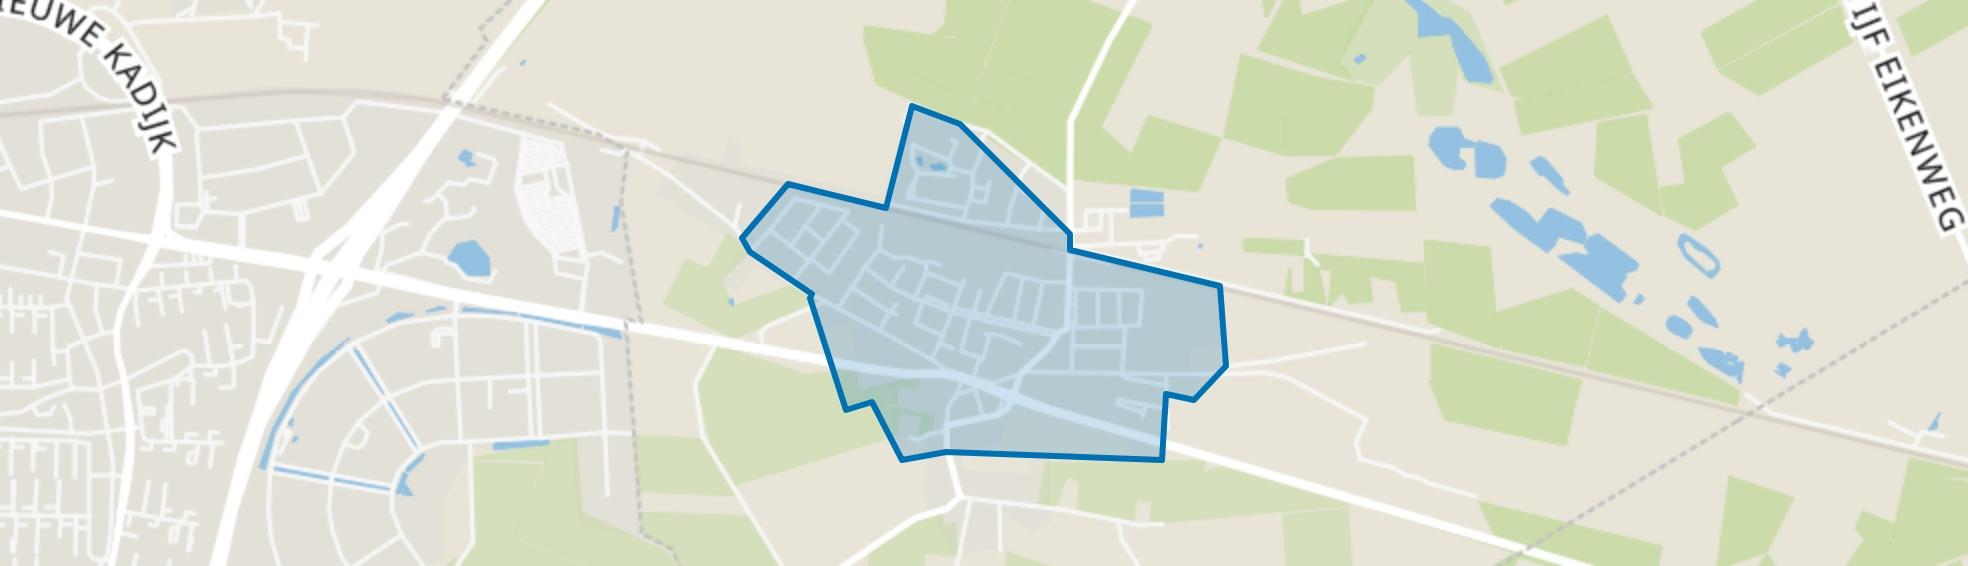 Dorst, Dorst map